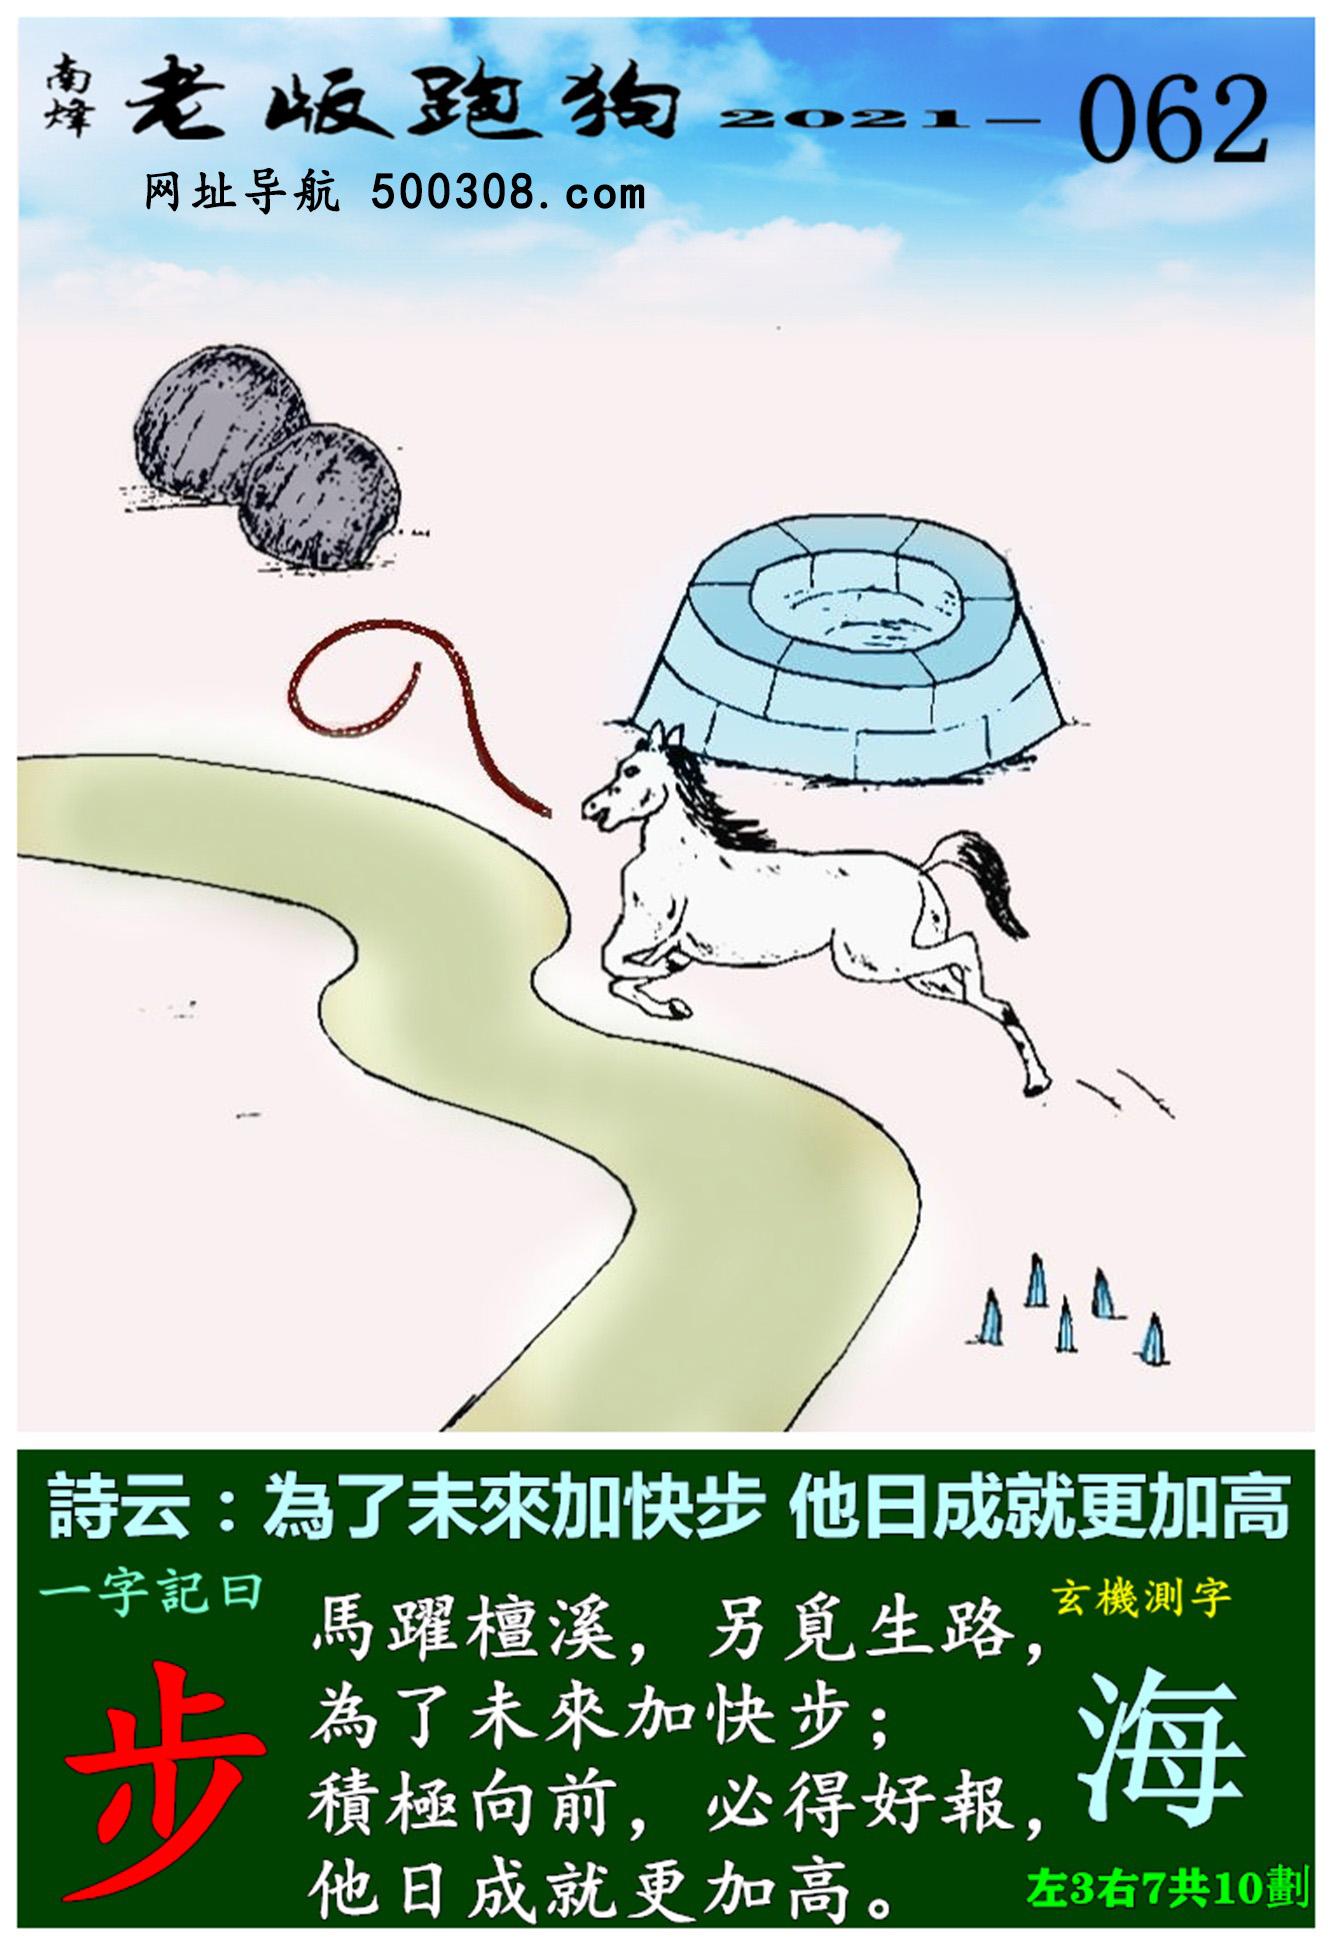 062期老版跑狗一字�之曰:【步】 ��:�榱宋�砑涌觳剑�他日成就更加高。